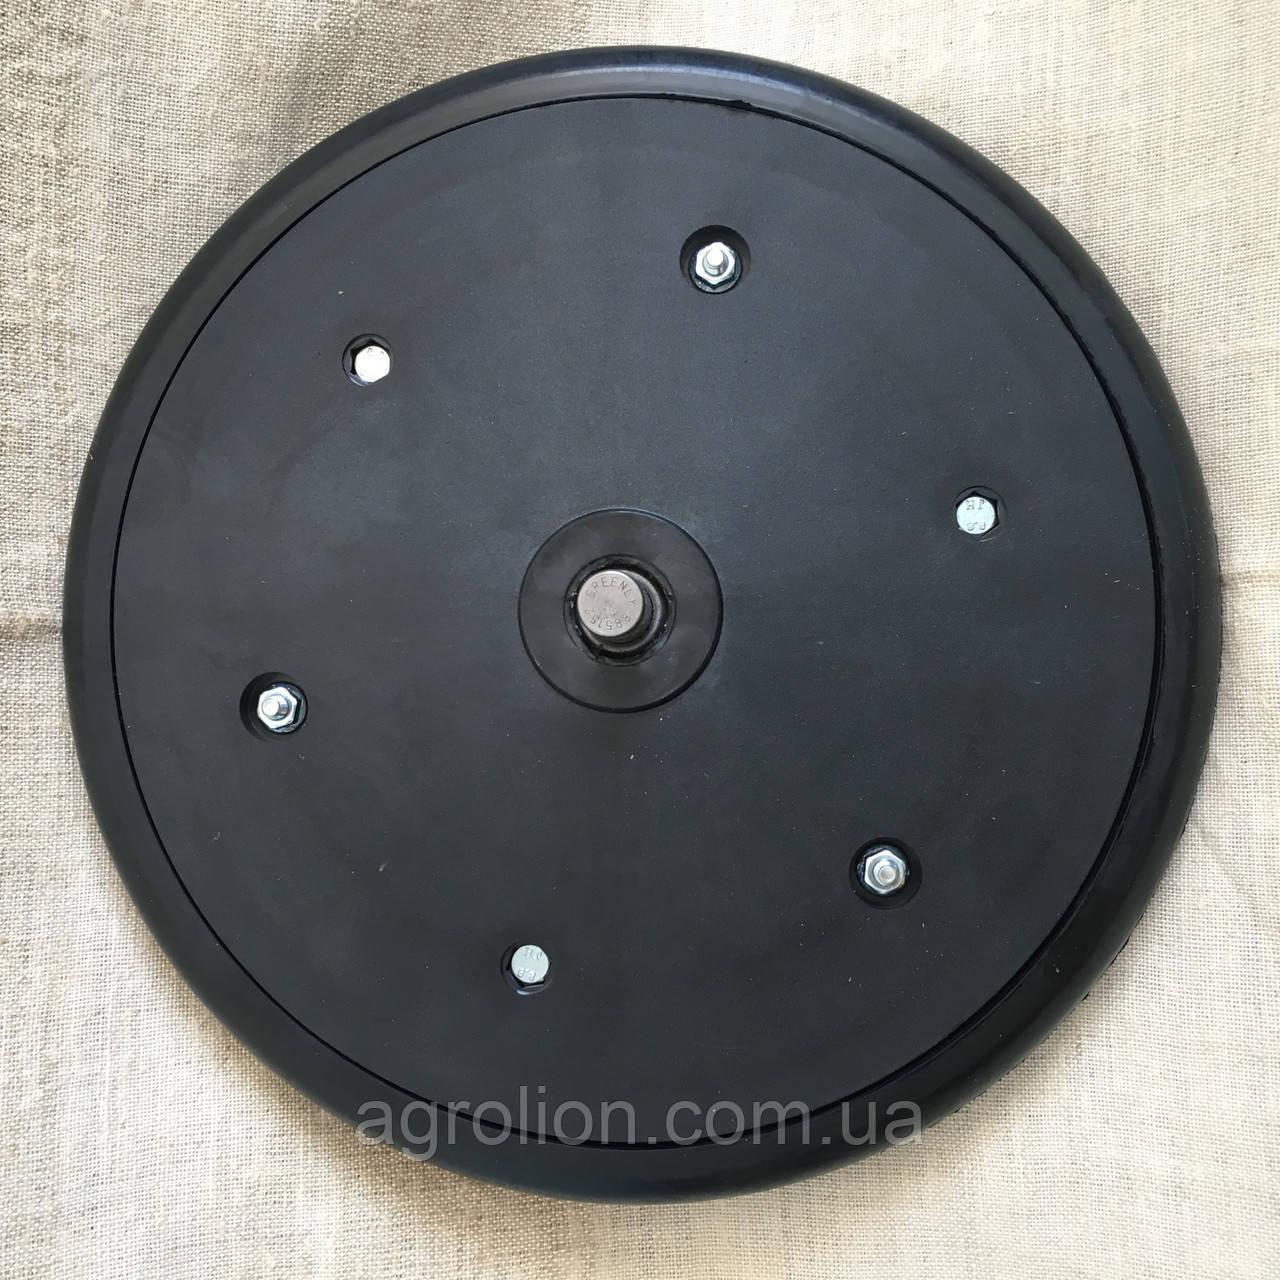 """Прикотуюче колесо в зборі ( диск поліамід) з підшипником  1"""" x 12"""", AA43899,  John Deere, з підшипником 885152"""